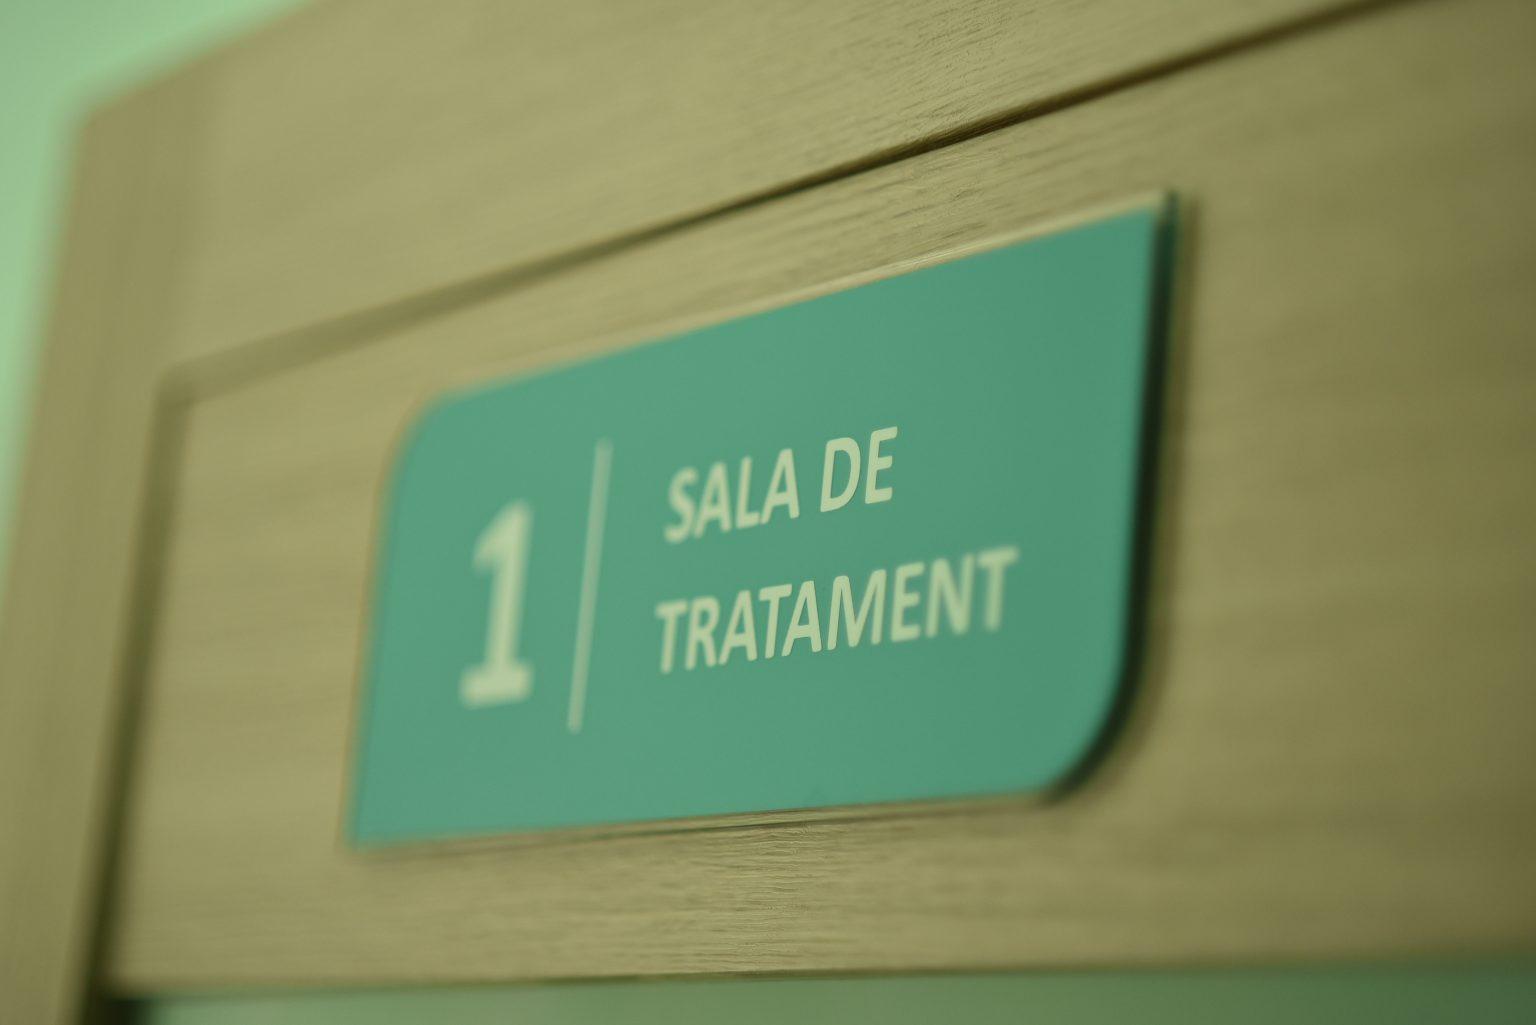 servicii-stomatologice-botanica-chisinau-1536×1025